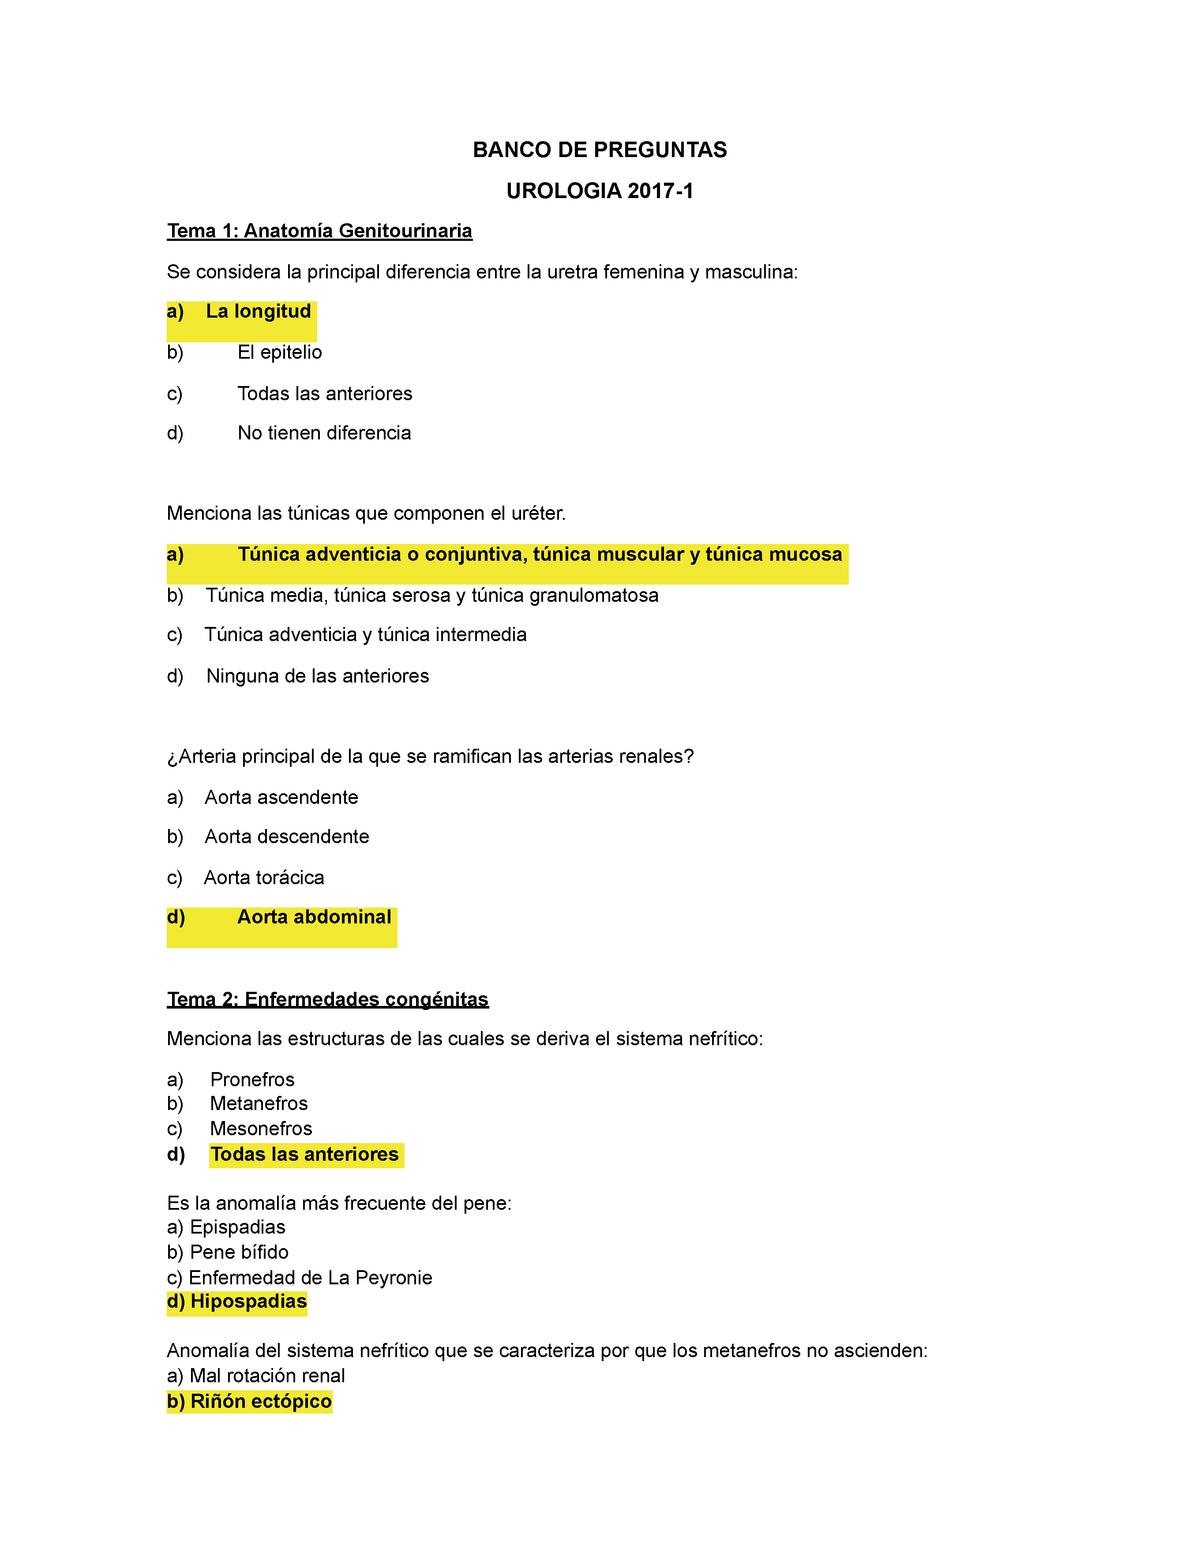 examen de urología para hiperplasia prostática benigna